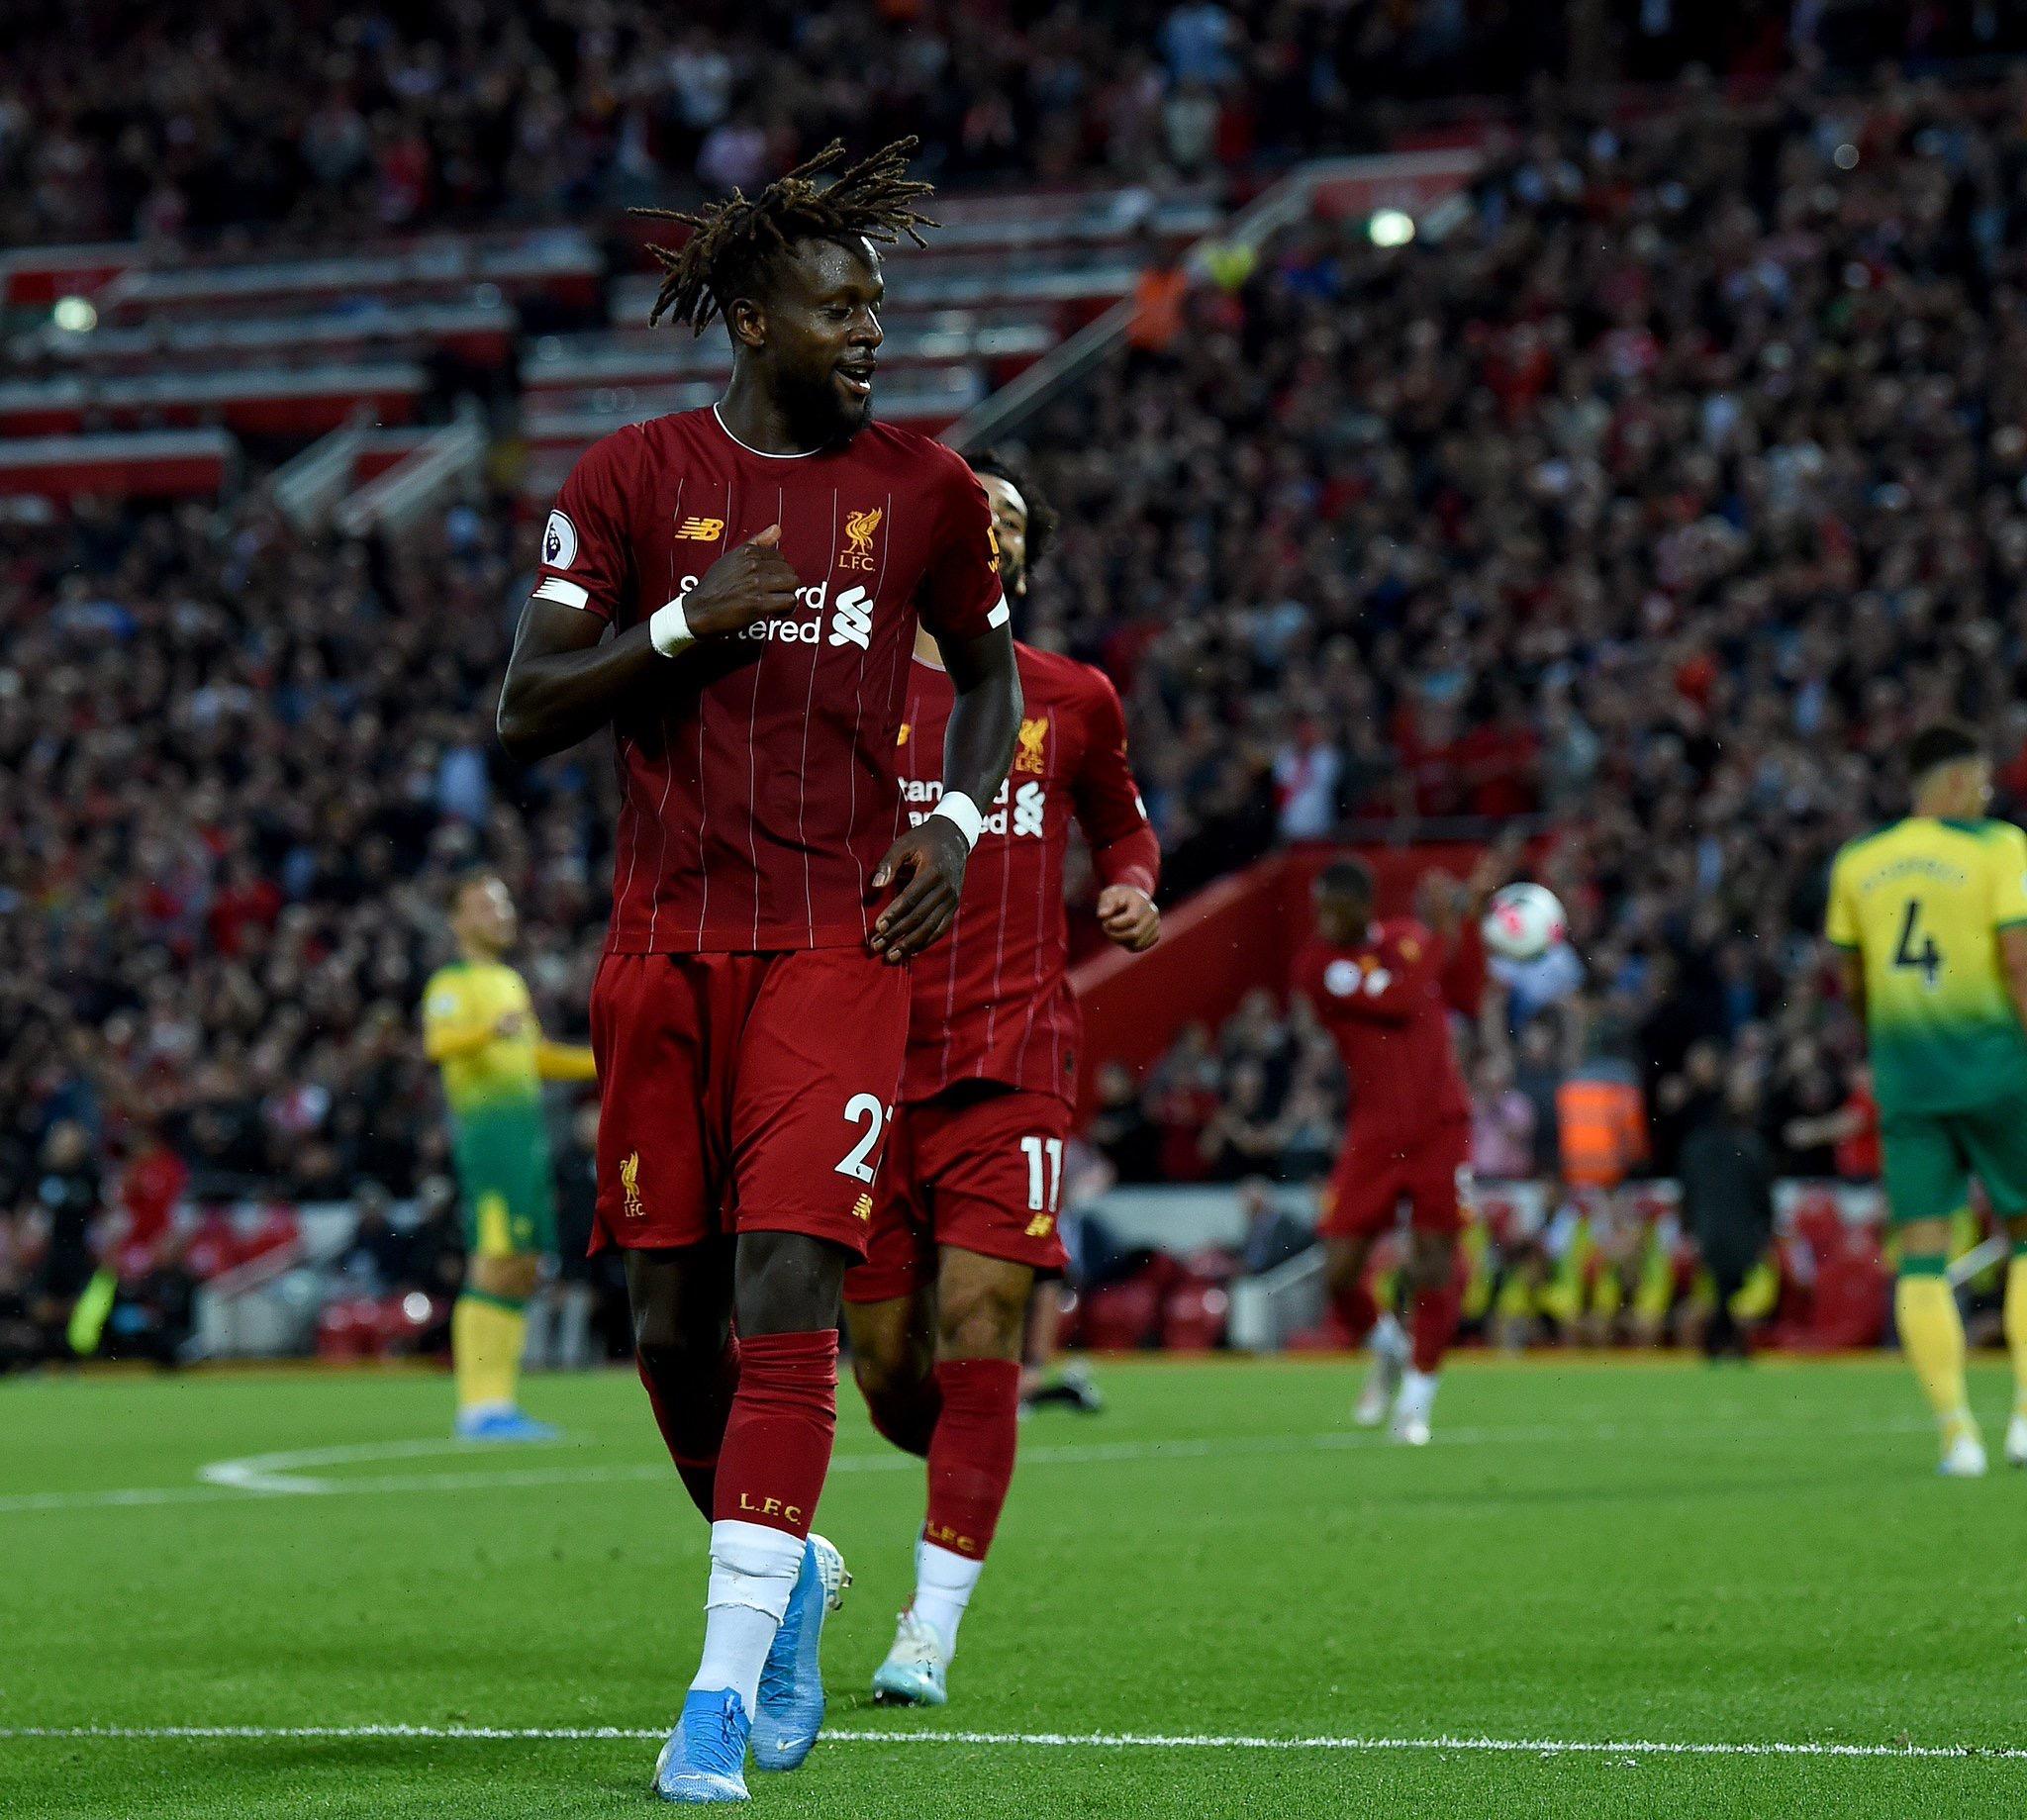 Première journée Premier League: Liverpool s'offre le promu Norwich (4-1)